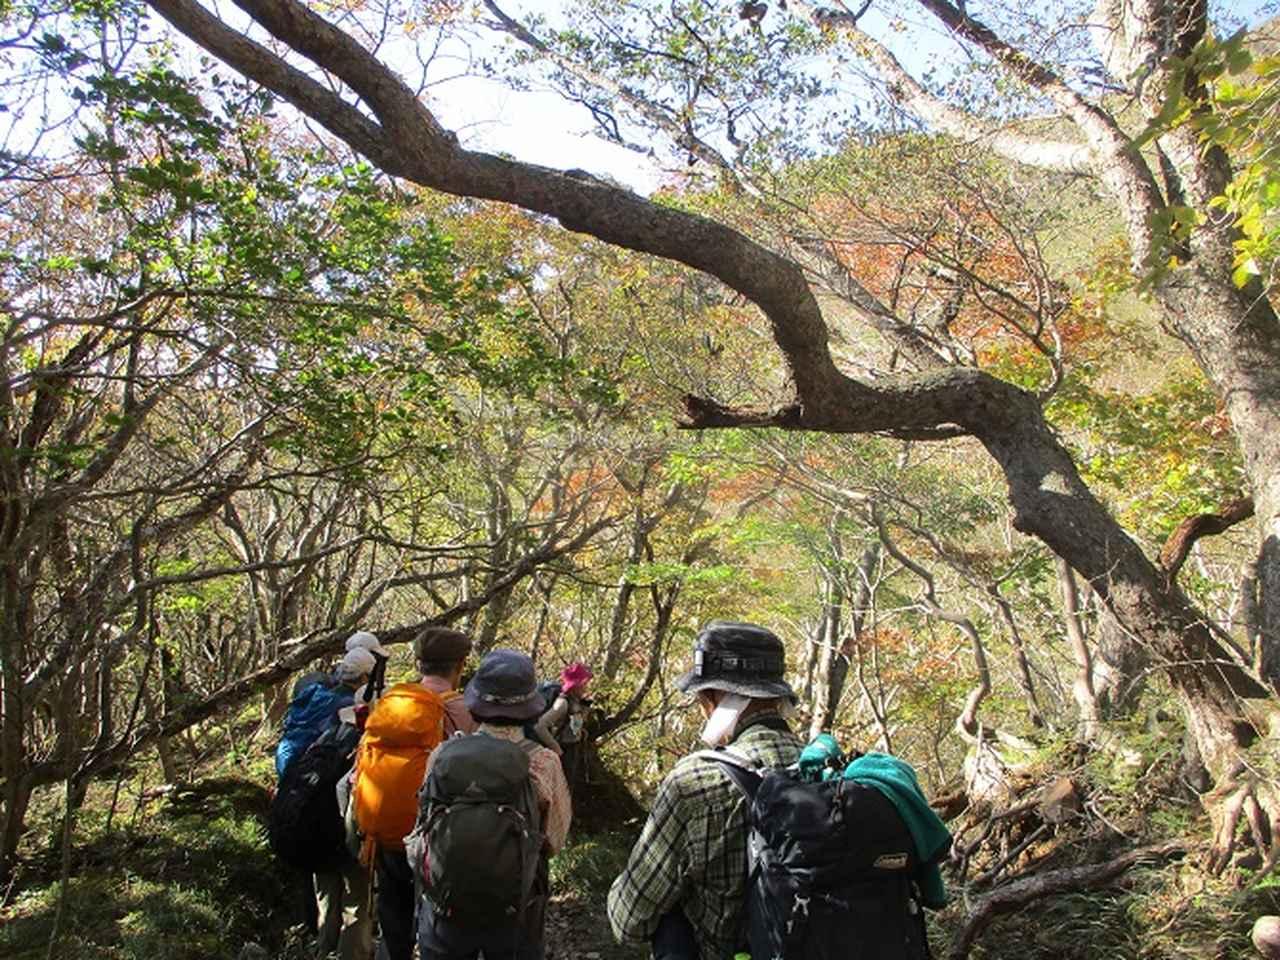 画像6: 10月10日から山旅会 「那須茶臼岳と姥ヶ平」 ツアーにいってきました!